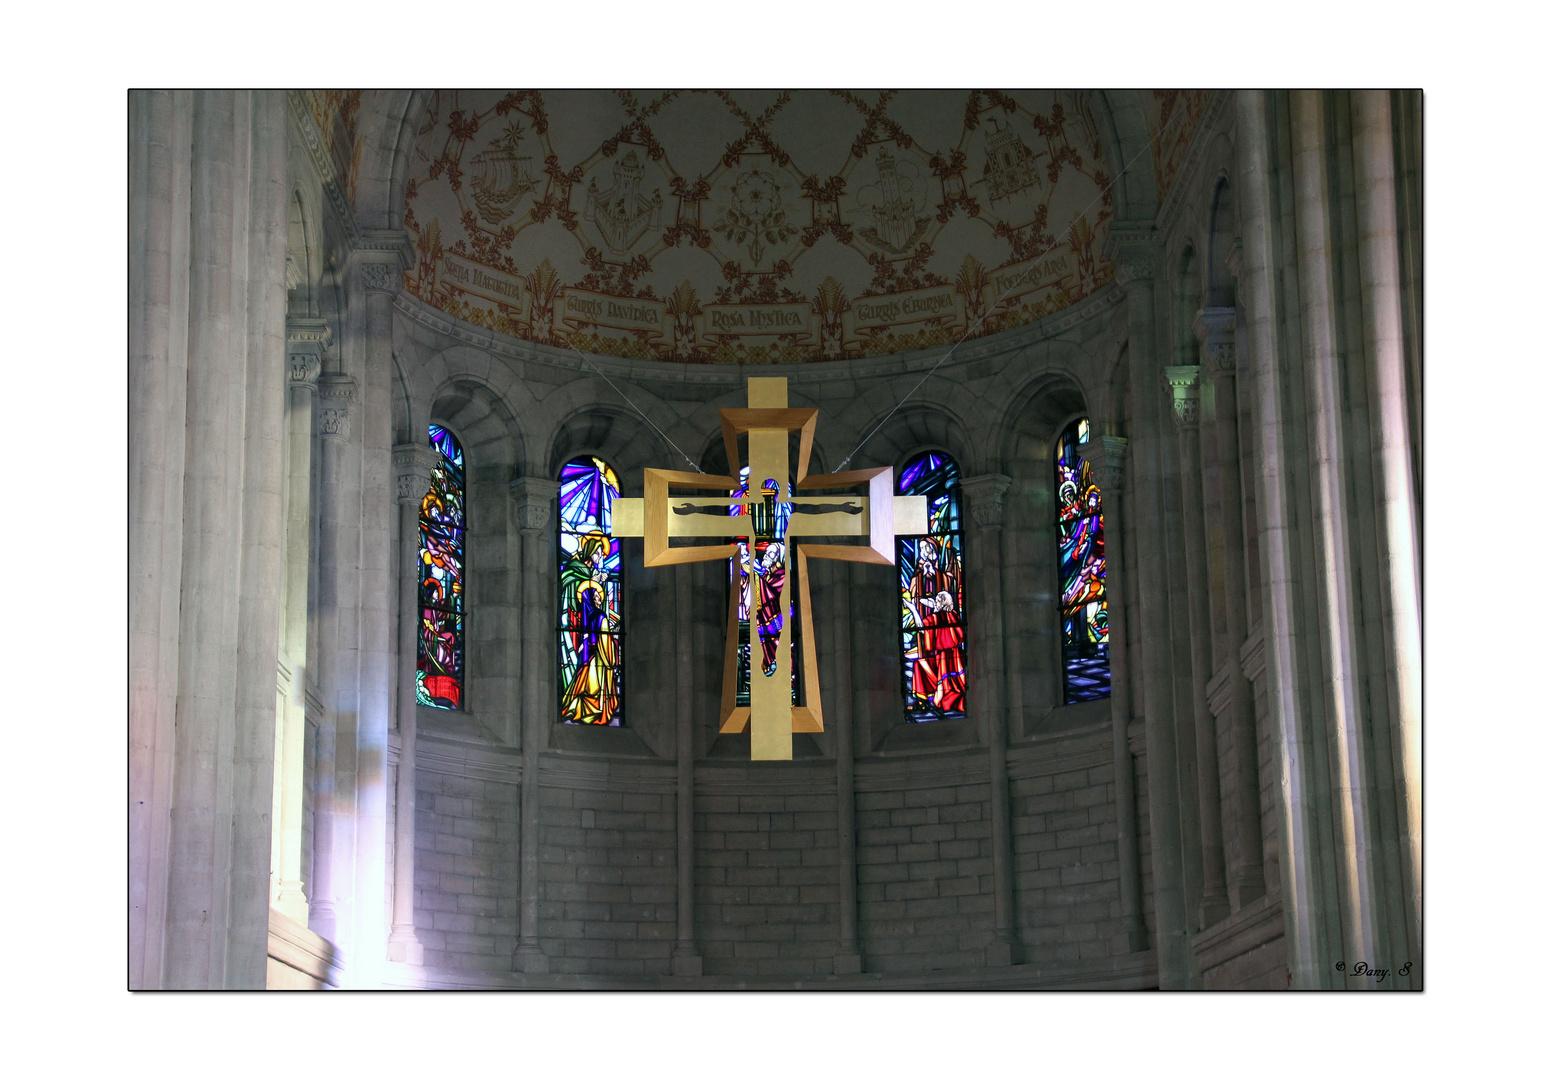 La croix dans le coeur